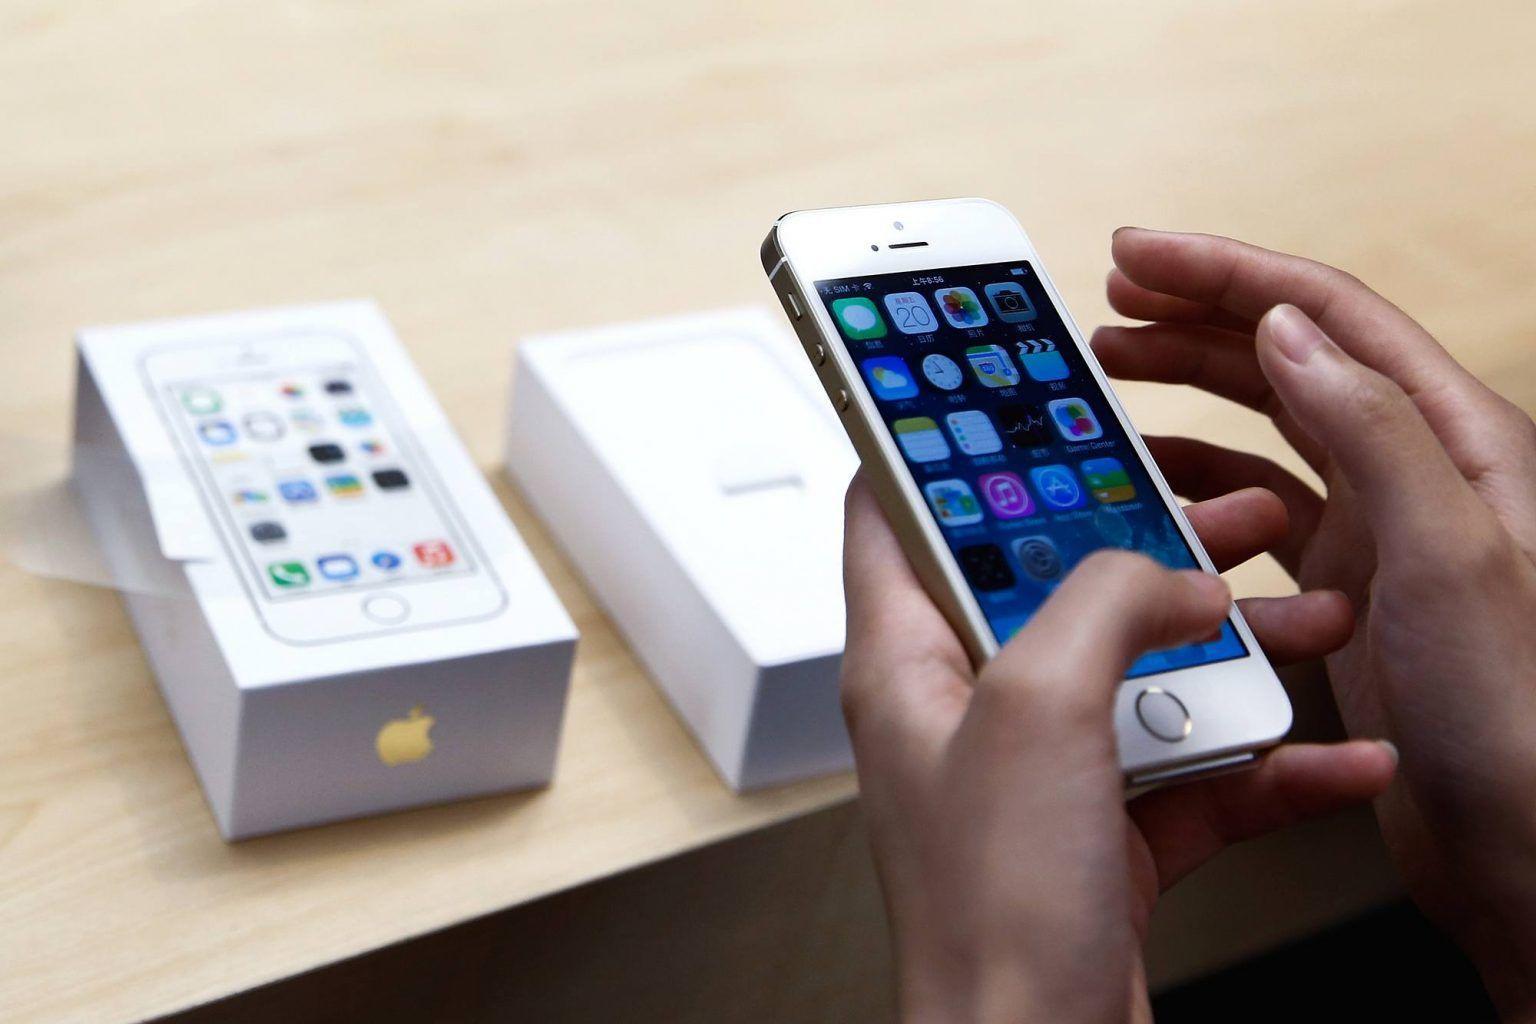 iPhone Uygulama Gizleme